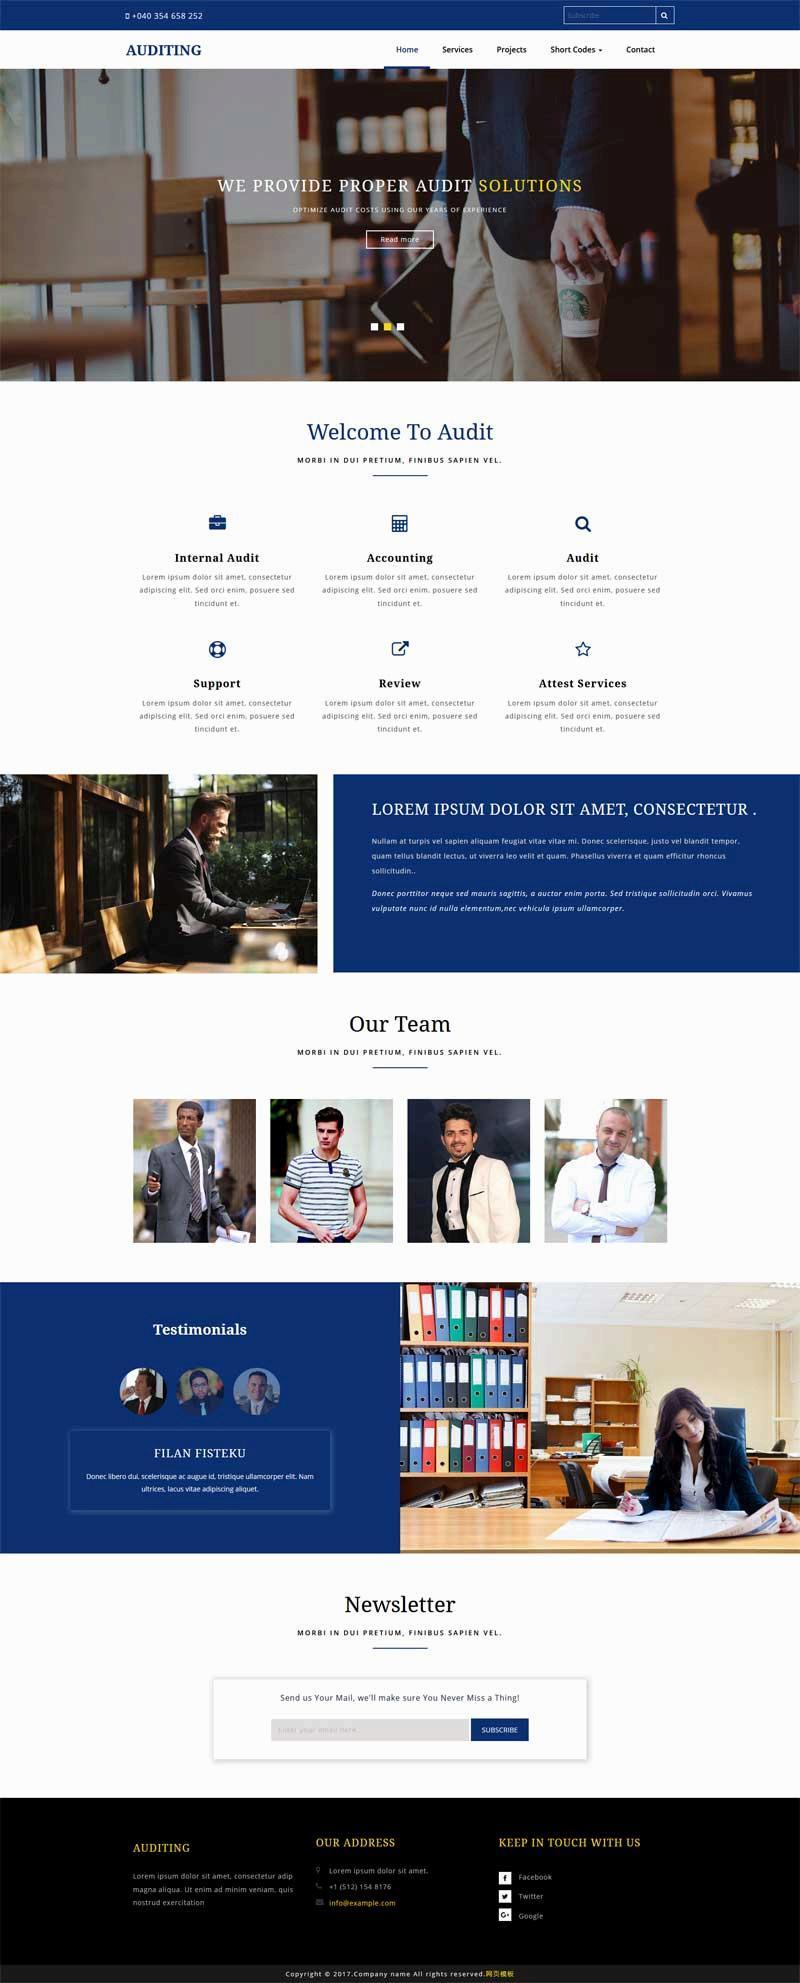 蓝色的法律咨询机构网站模板